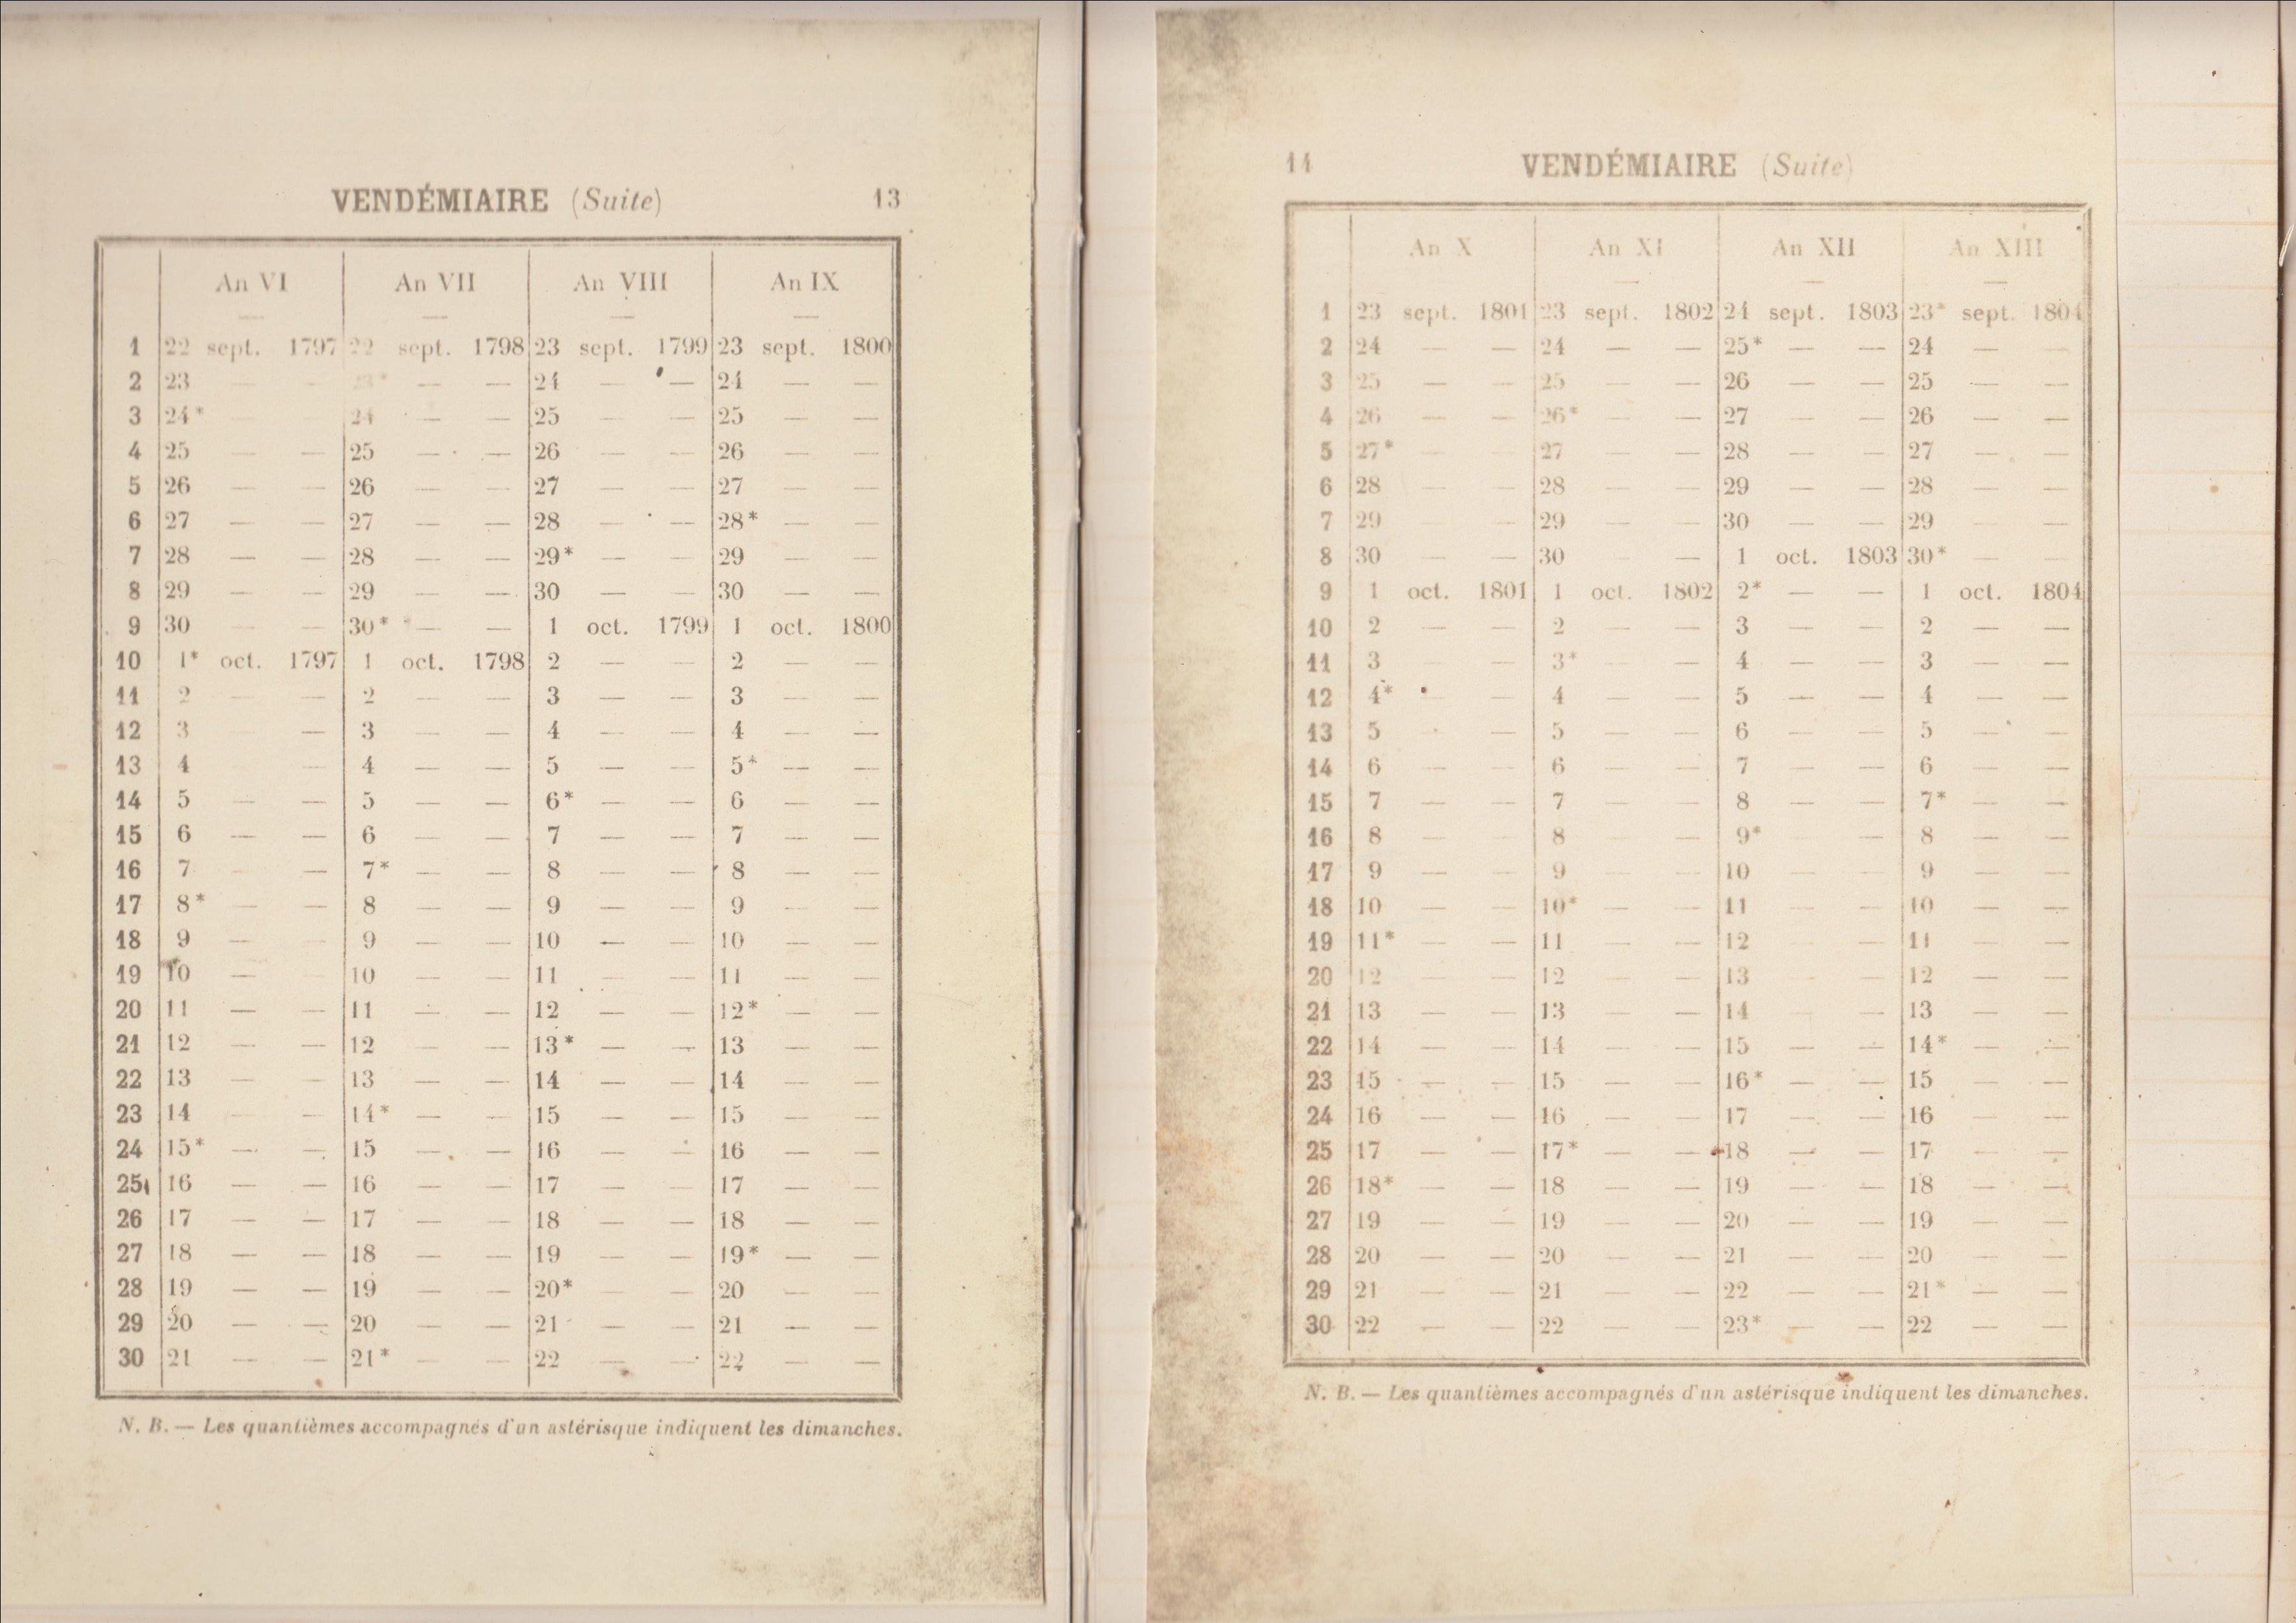 Le Calendrier Revolutionnaire.Vialibri Calendrier Revolutionnaire Manuscrit